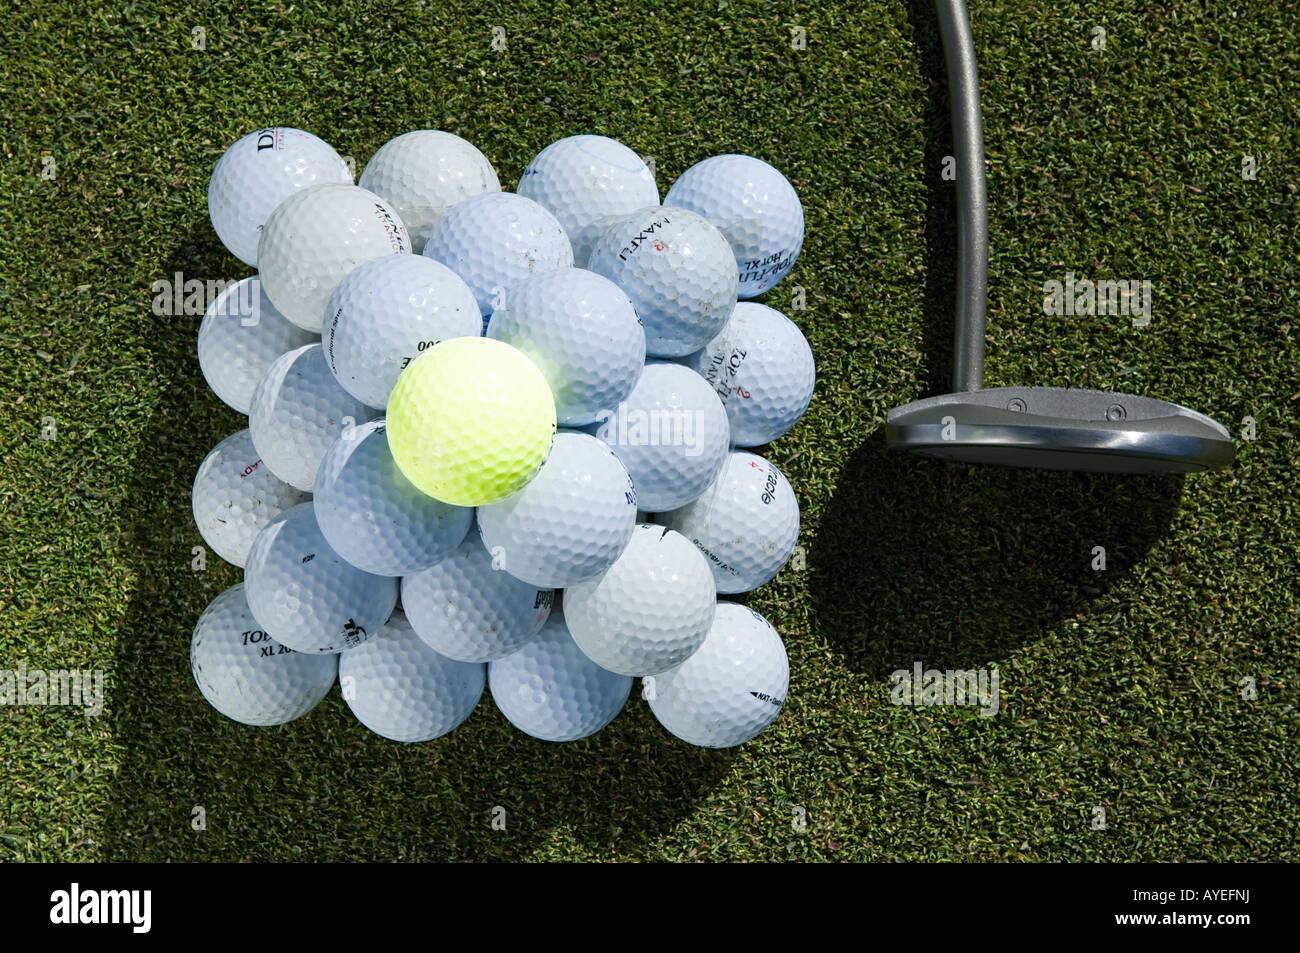 Ein Stapel von Golfbällen und einem Golfclub Stockbild